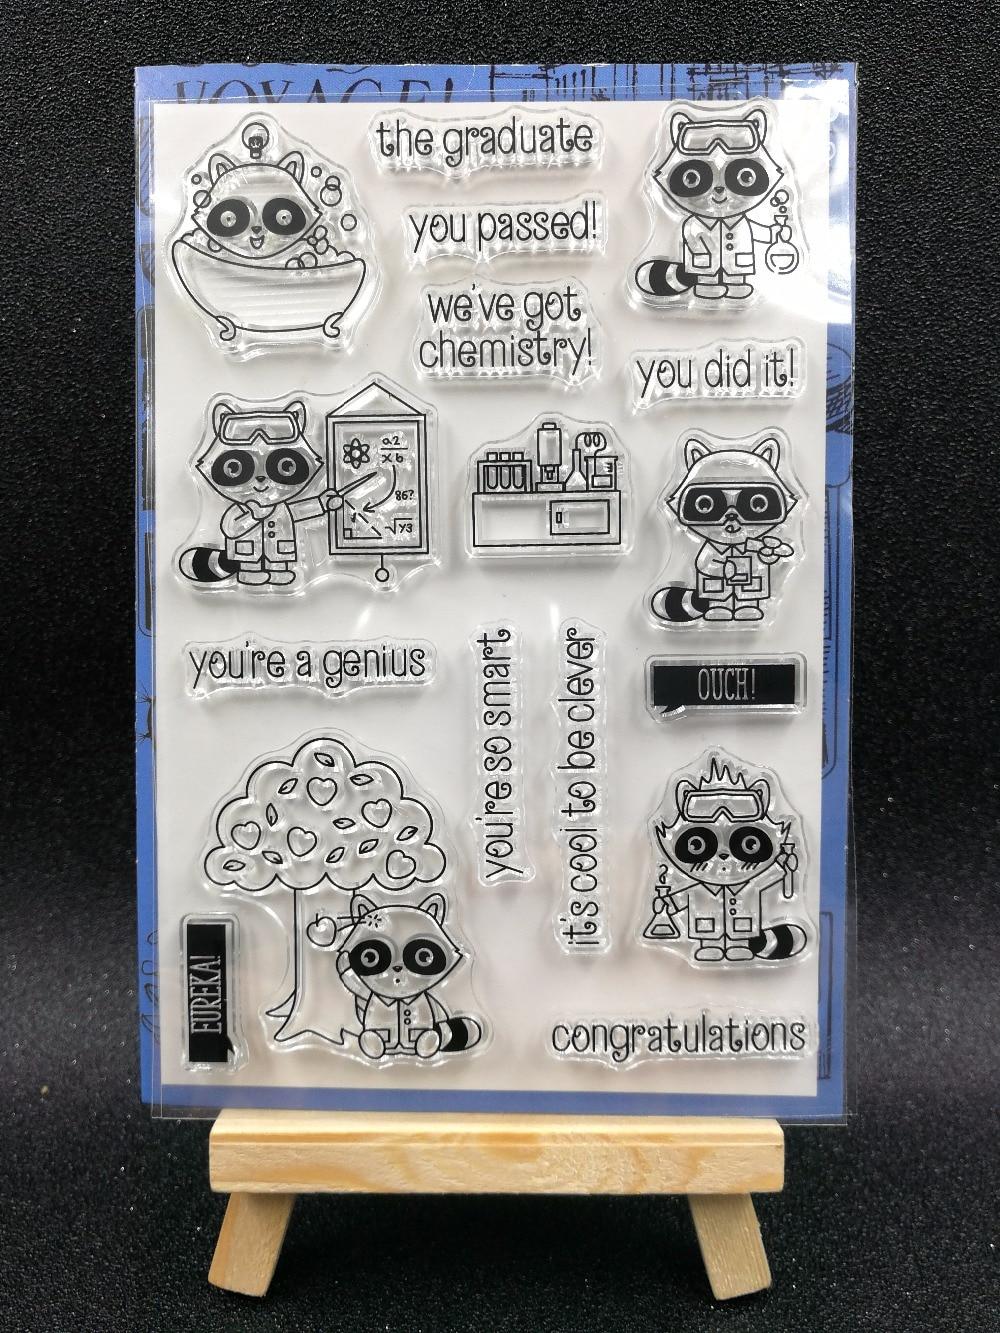 Sello de silicona transparente para experimentos de química/sello para álbum de recortes DIY/hojas de sellos transparentes decorativas para álbum de fotos A1202